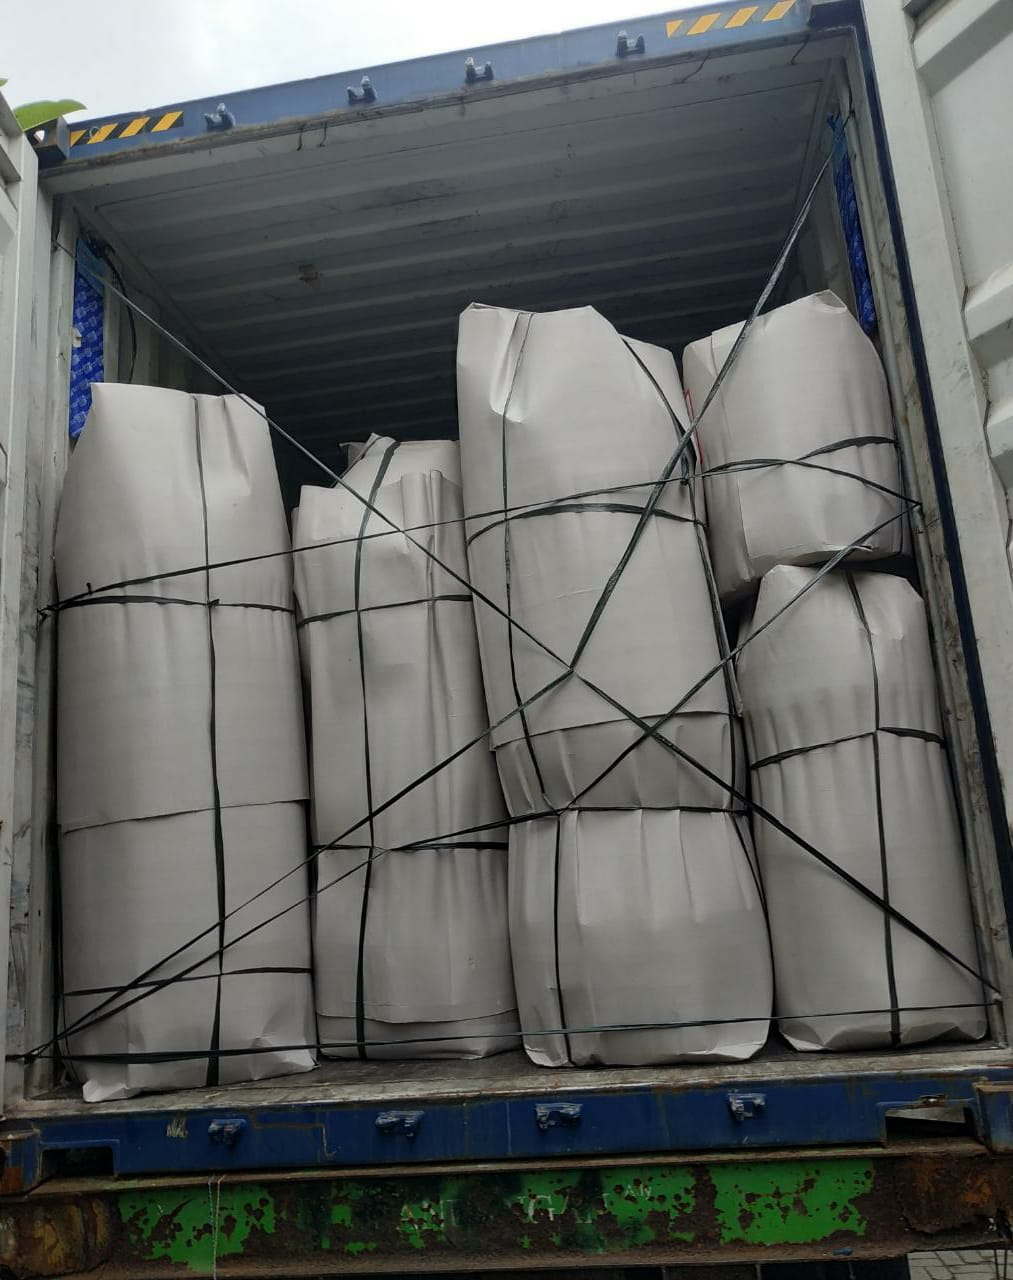 Bali Freight to Australia